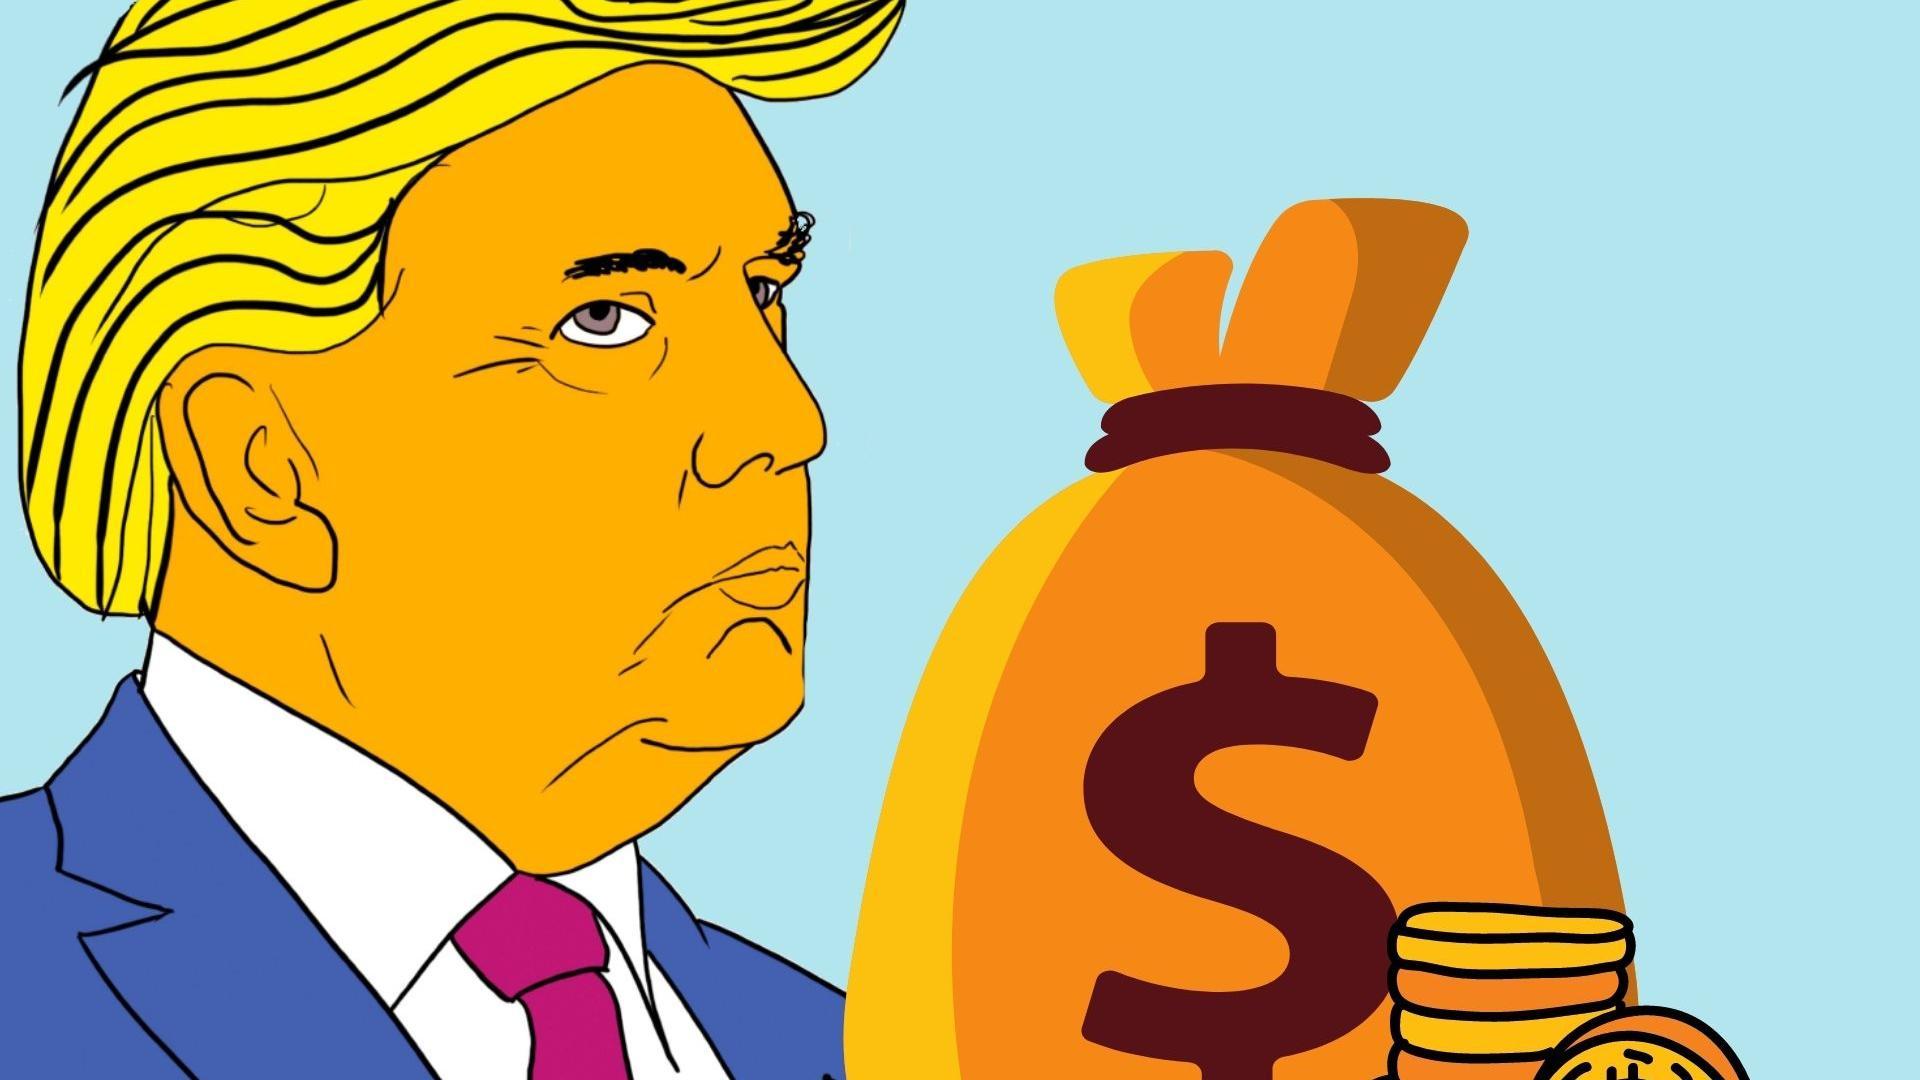 Wie reich ist Donald Trump?